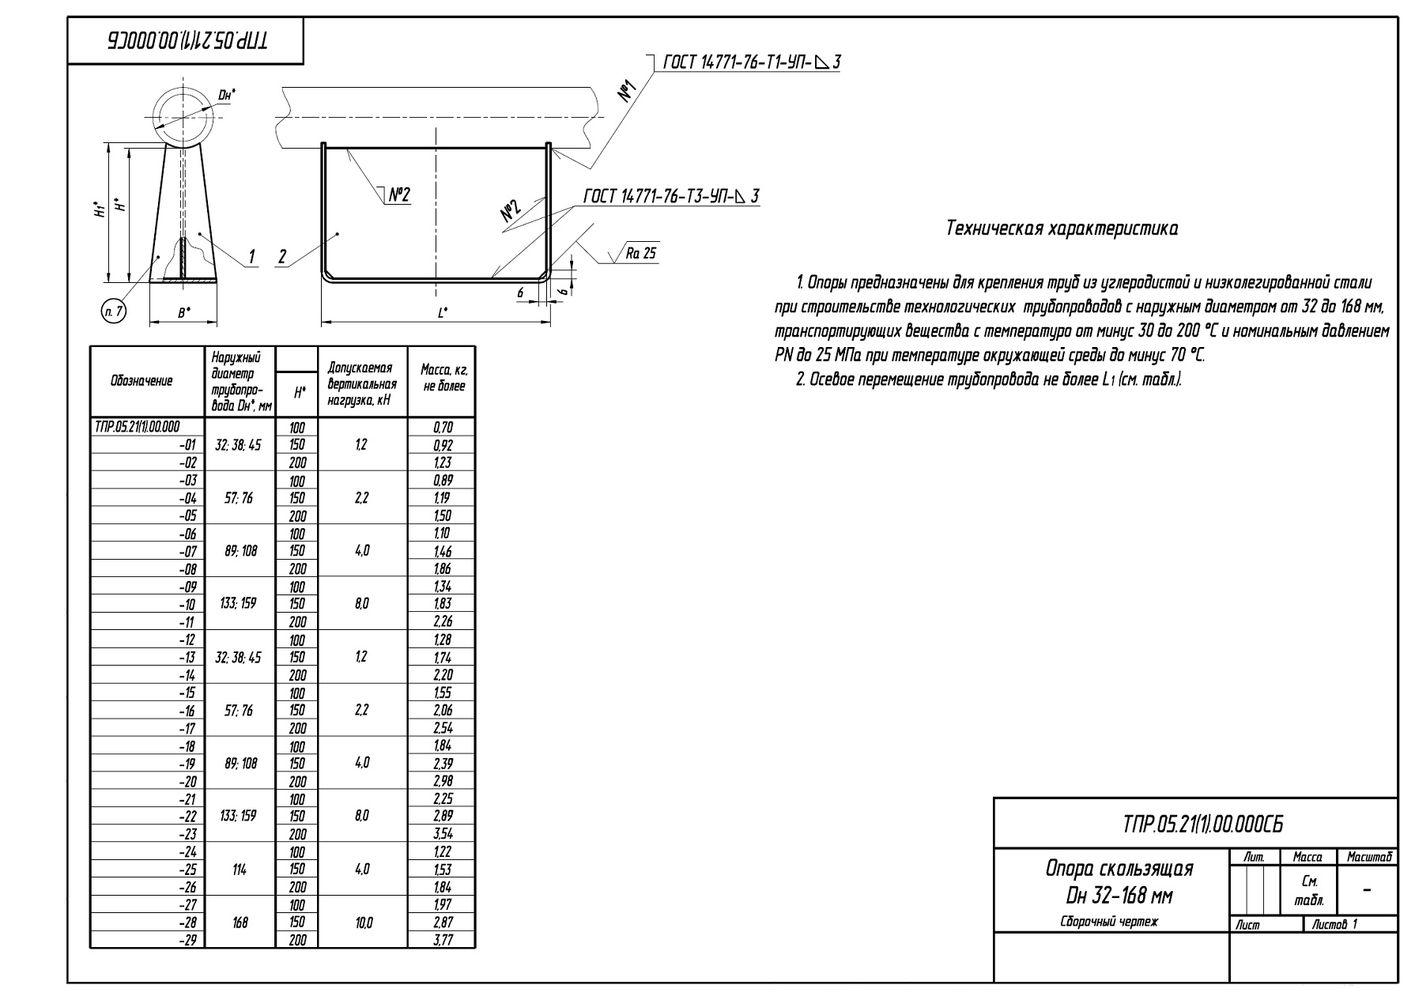 ТПР.05.21(1).00.000 Опоры скользящие Дн32-168 мм